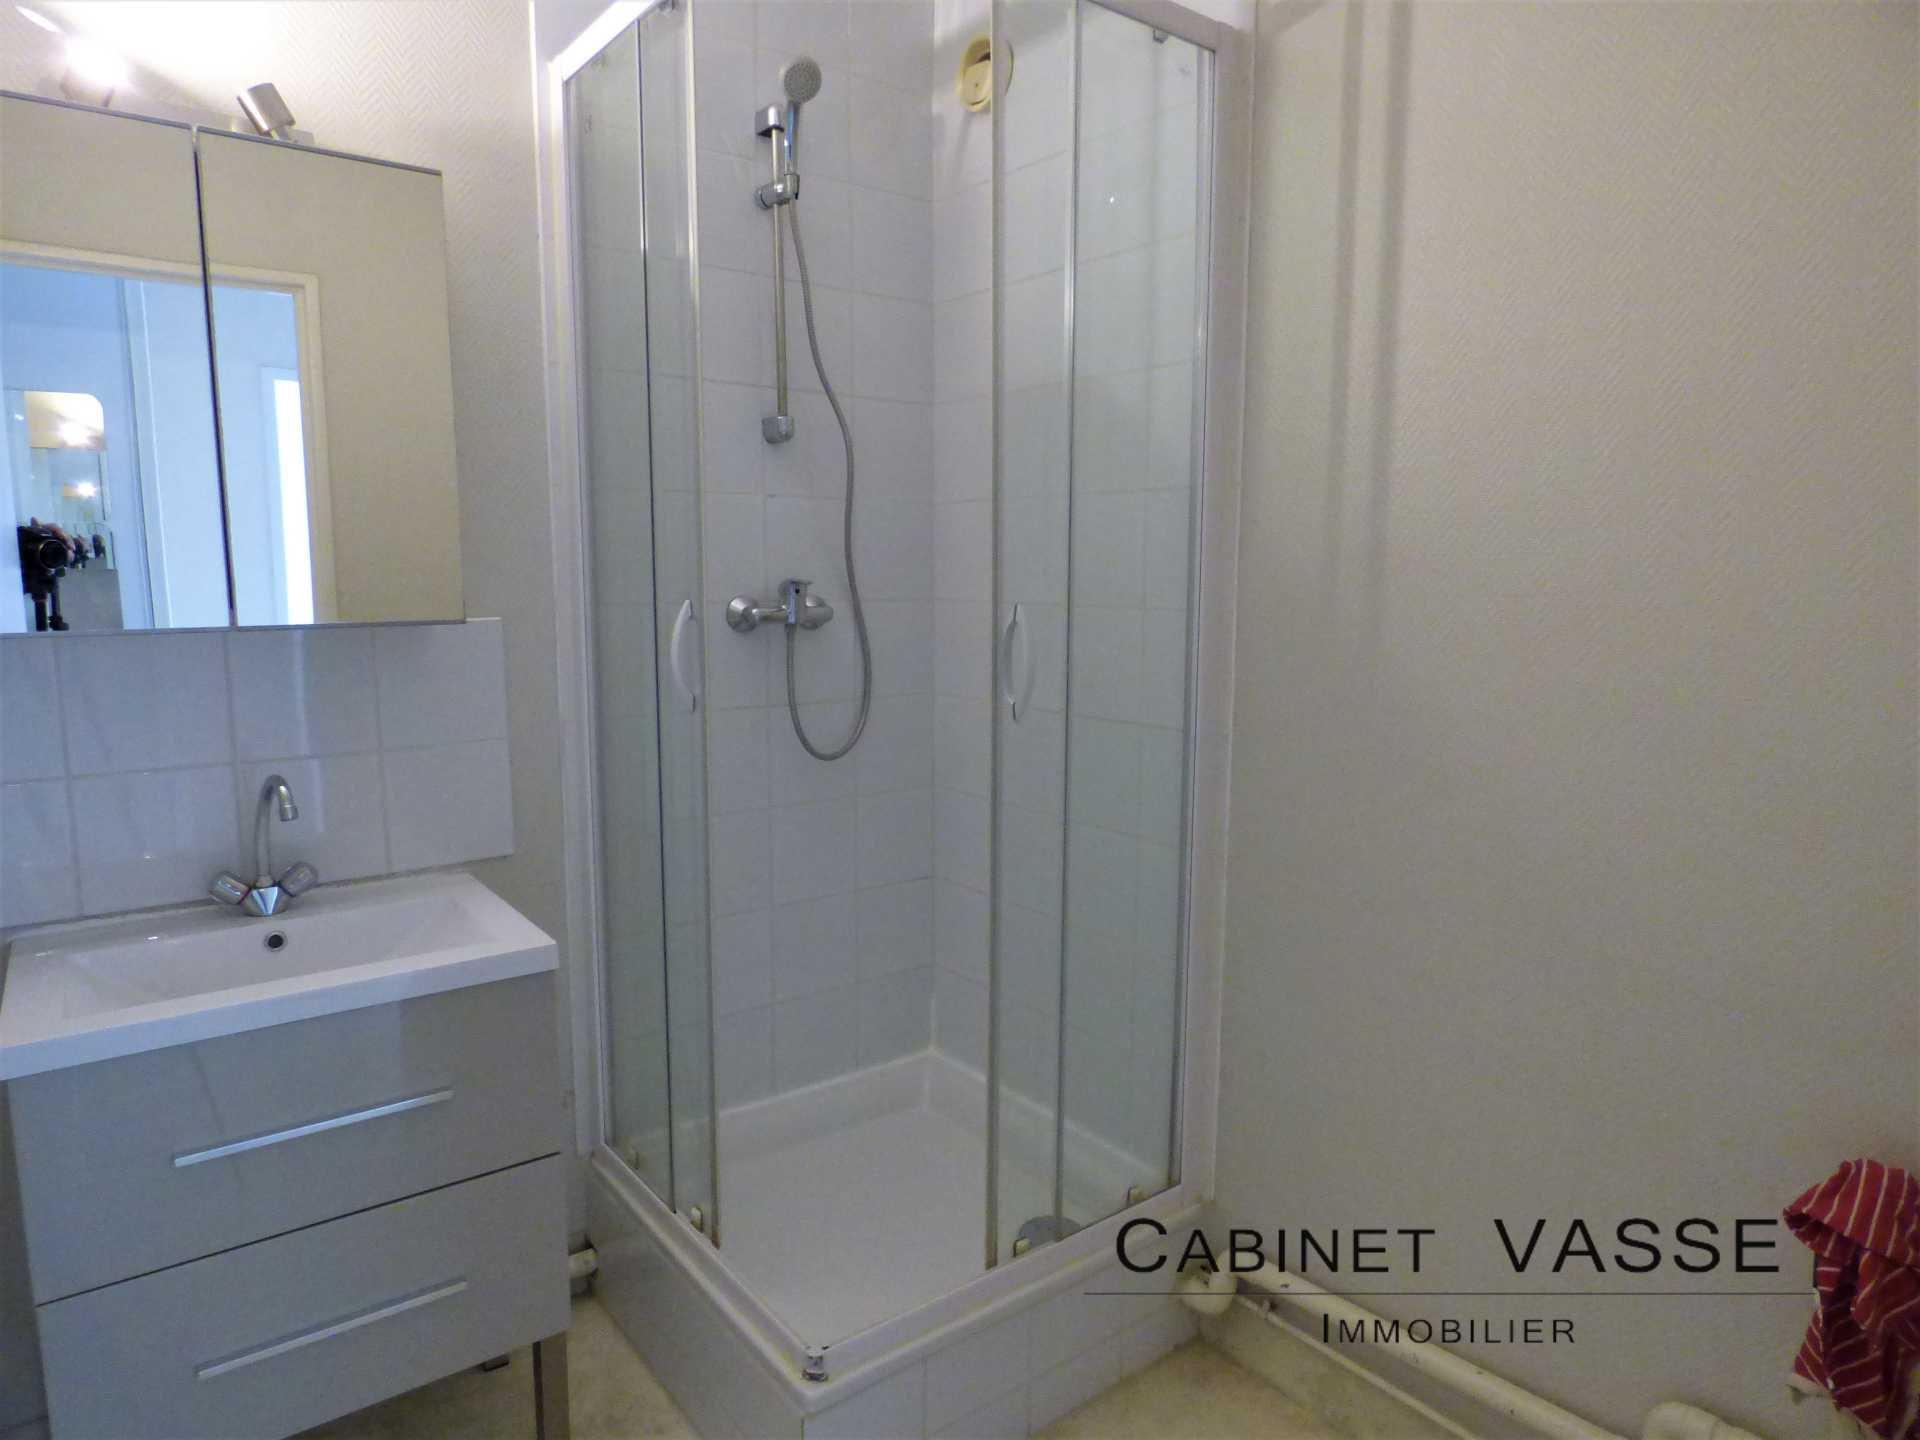 salle d'eau, douche, fibre de verre, caen, vasse, a louer